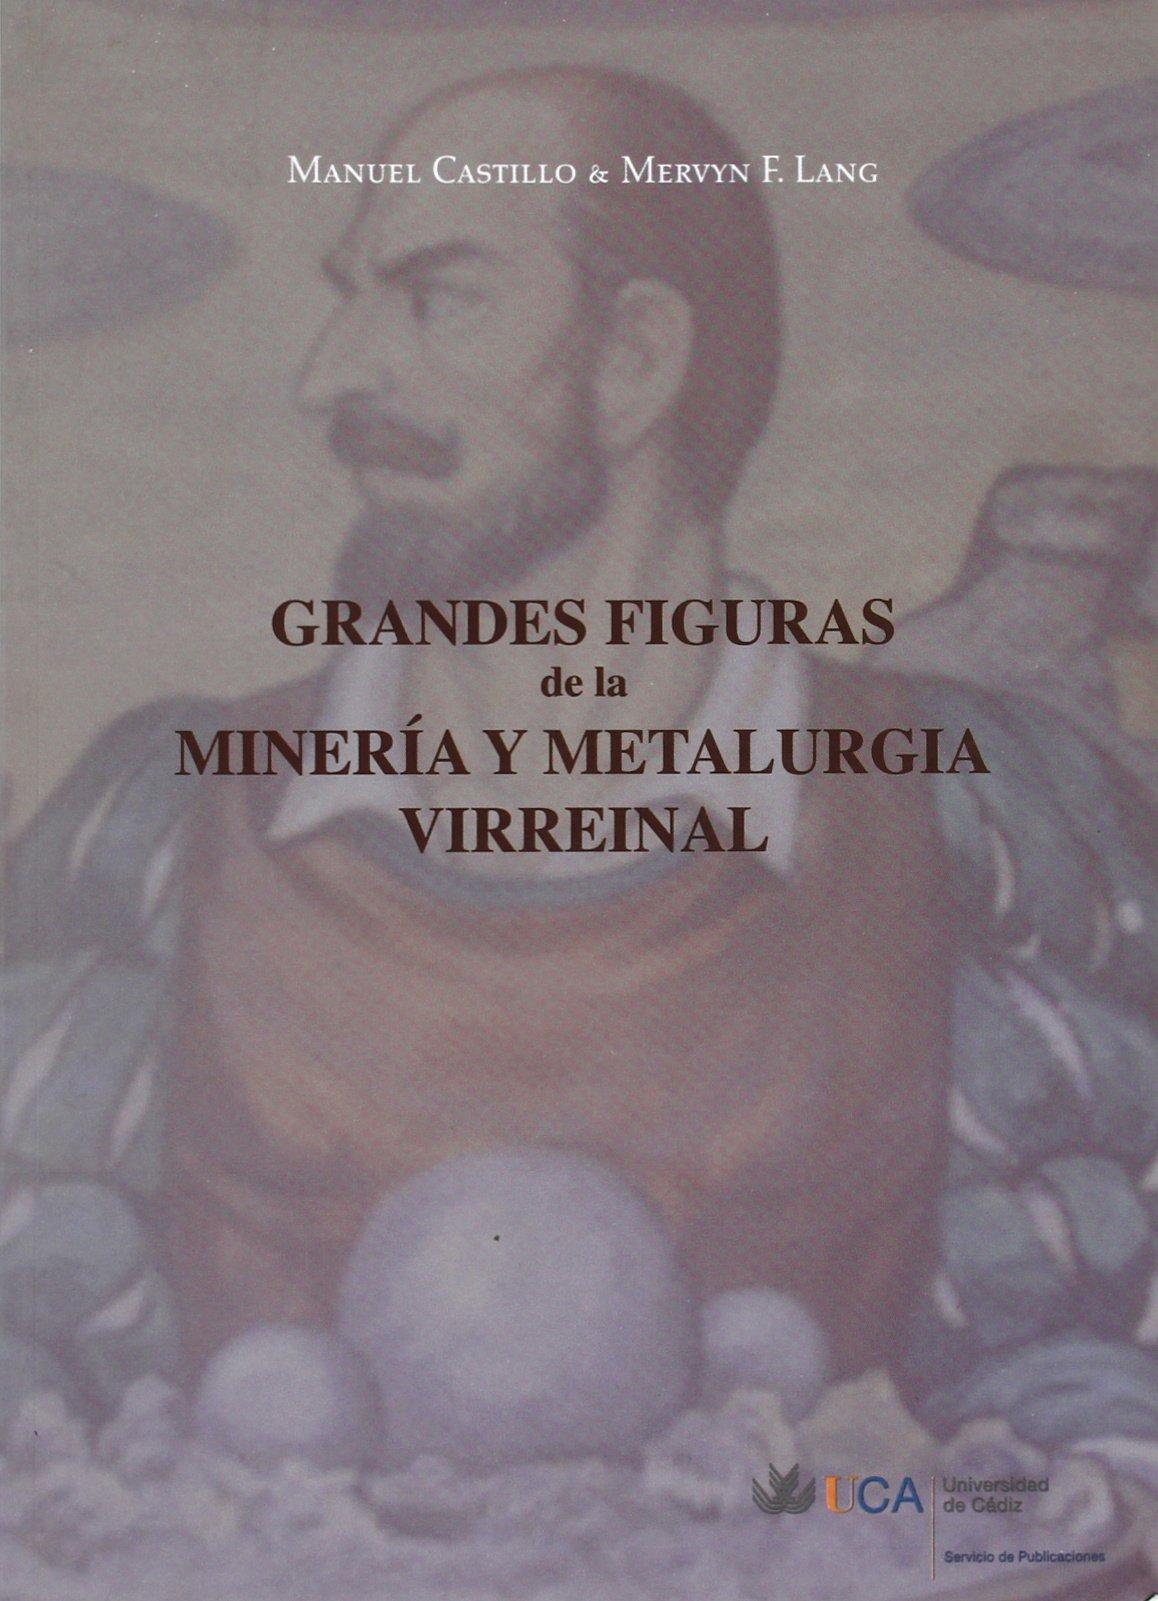 Grandes figuras de la minería y metalurgia virreinal: Amazon.es: Manuel  Castillo Martos, Mervyn F. Lang: Libros